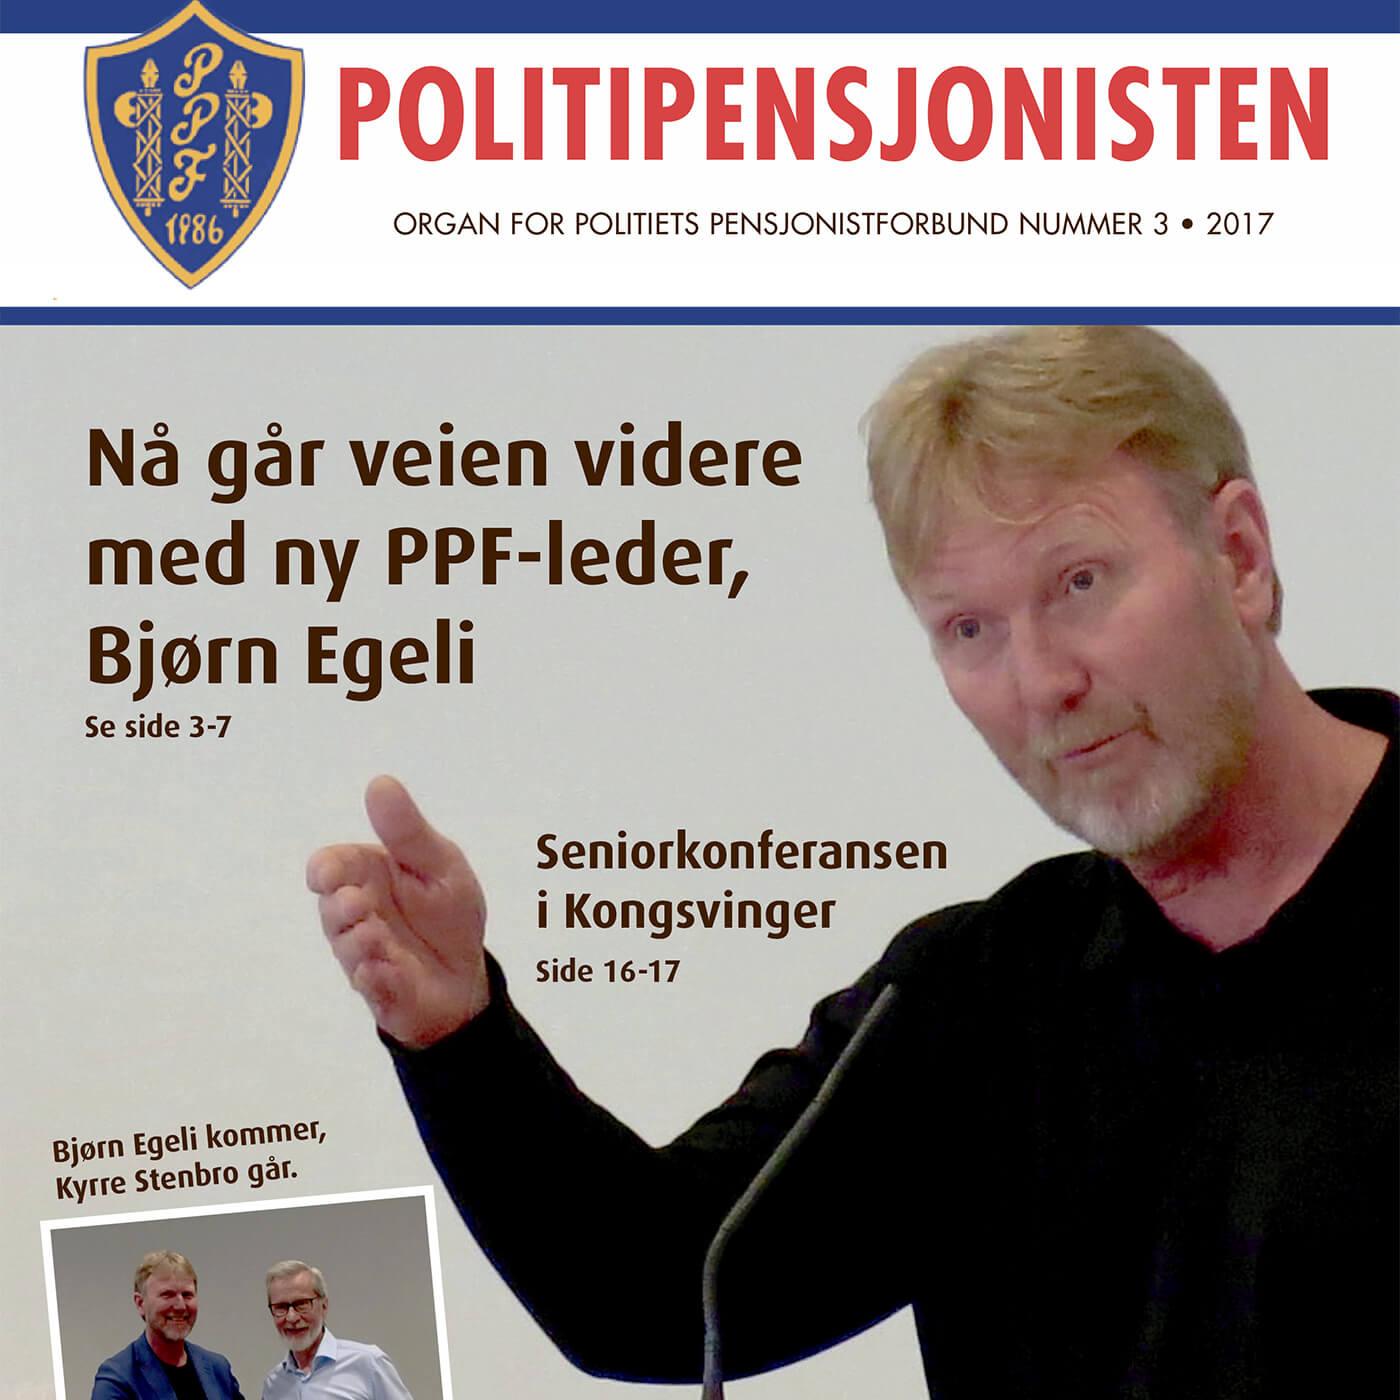 politipensjonisten-3-2017